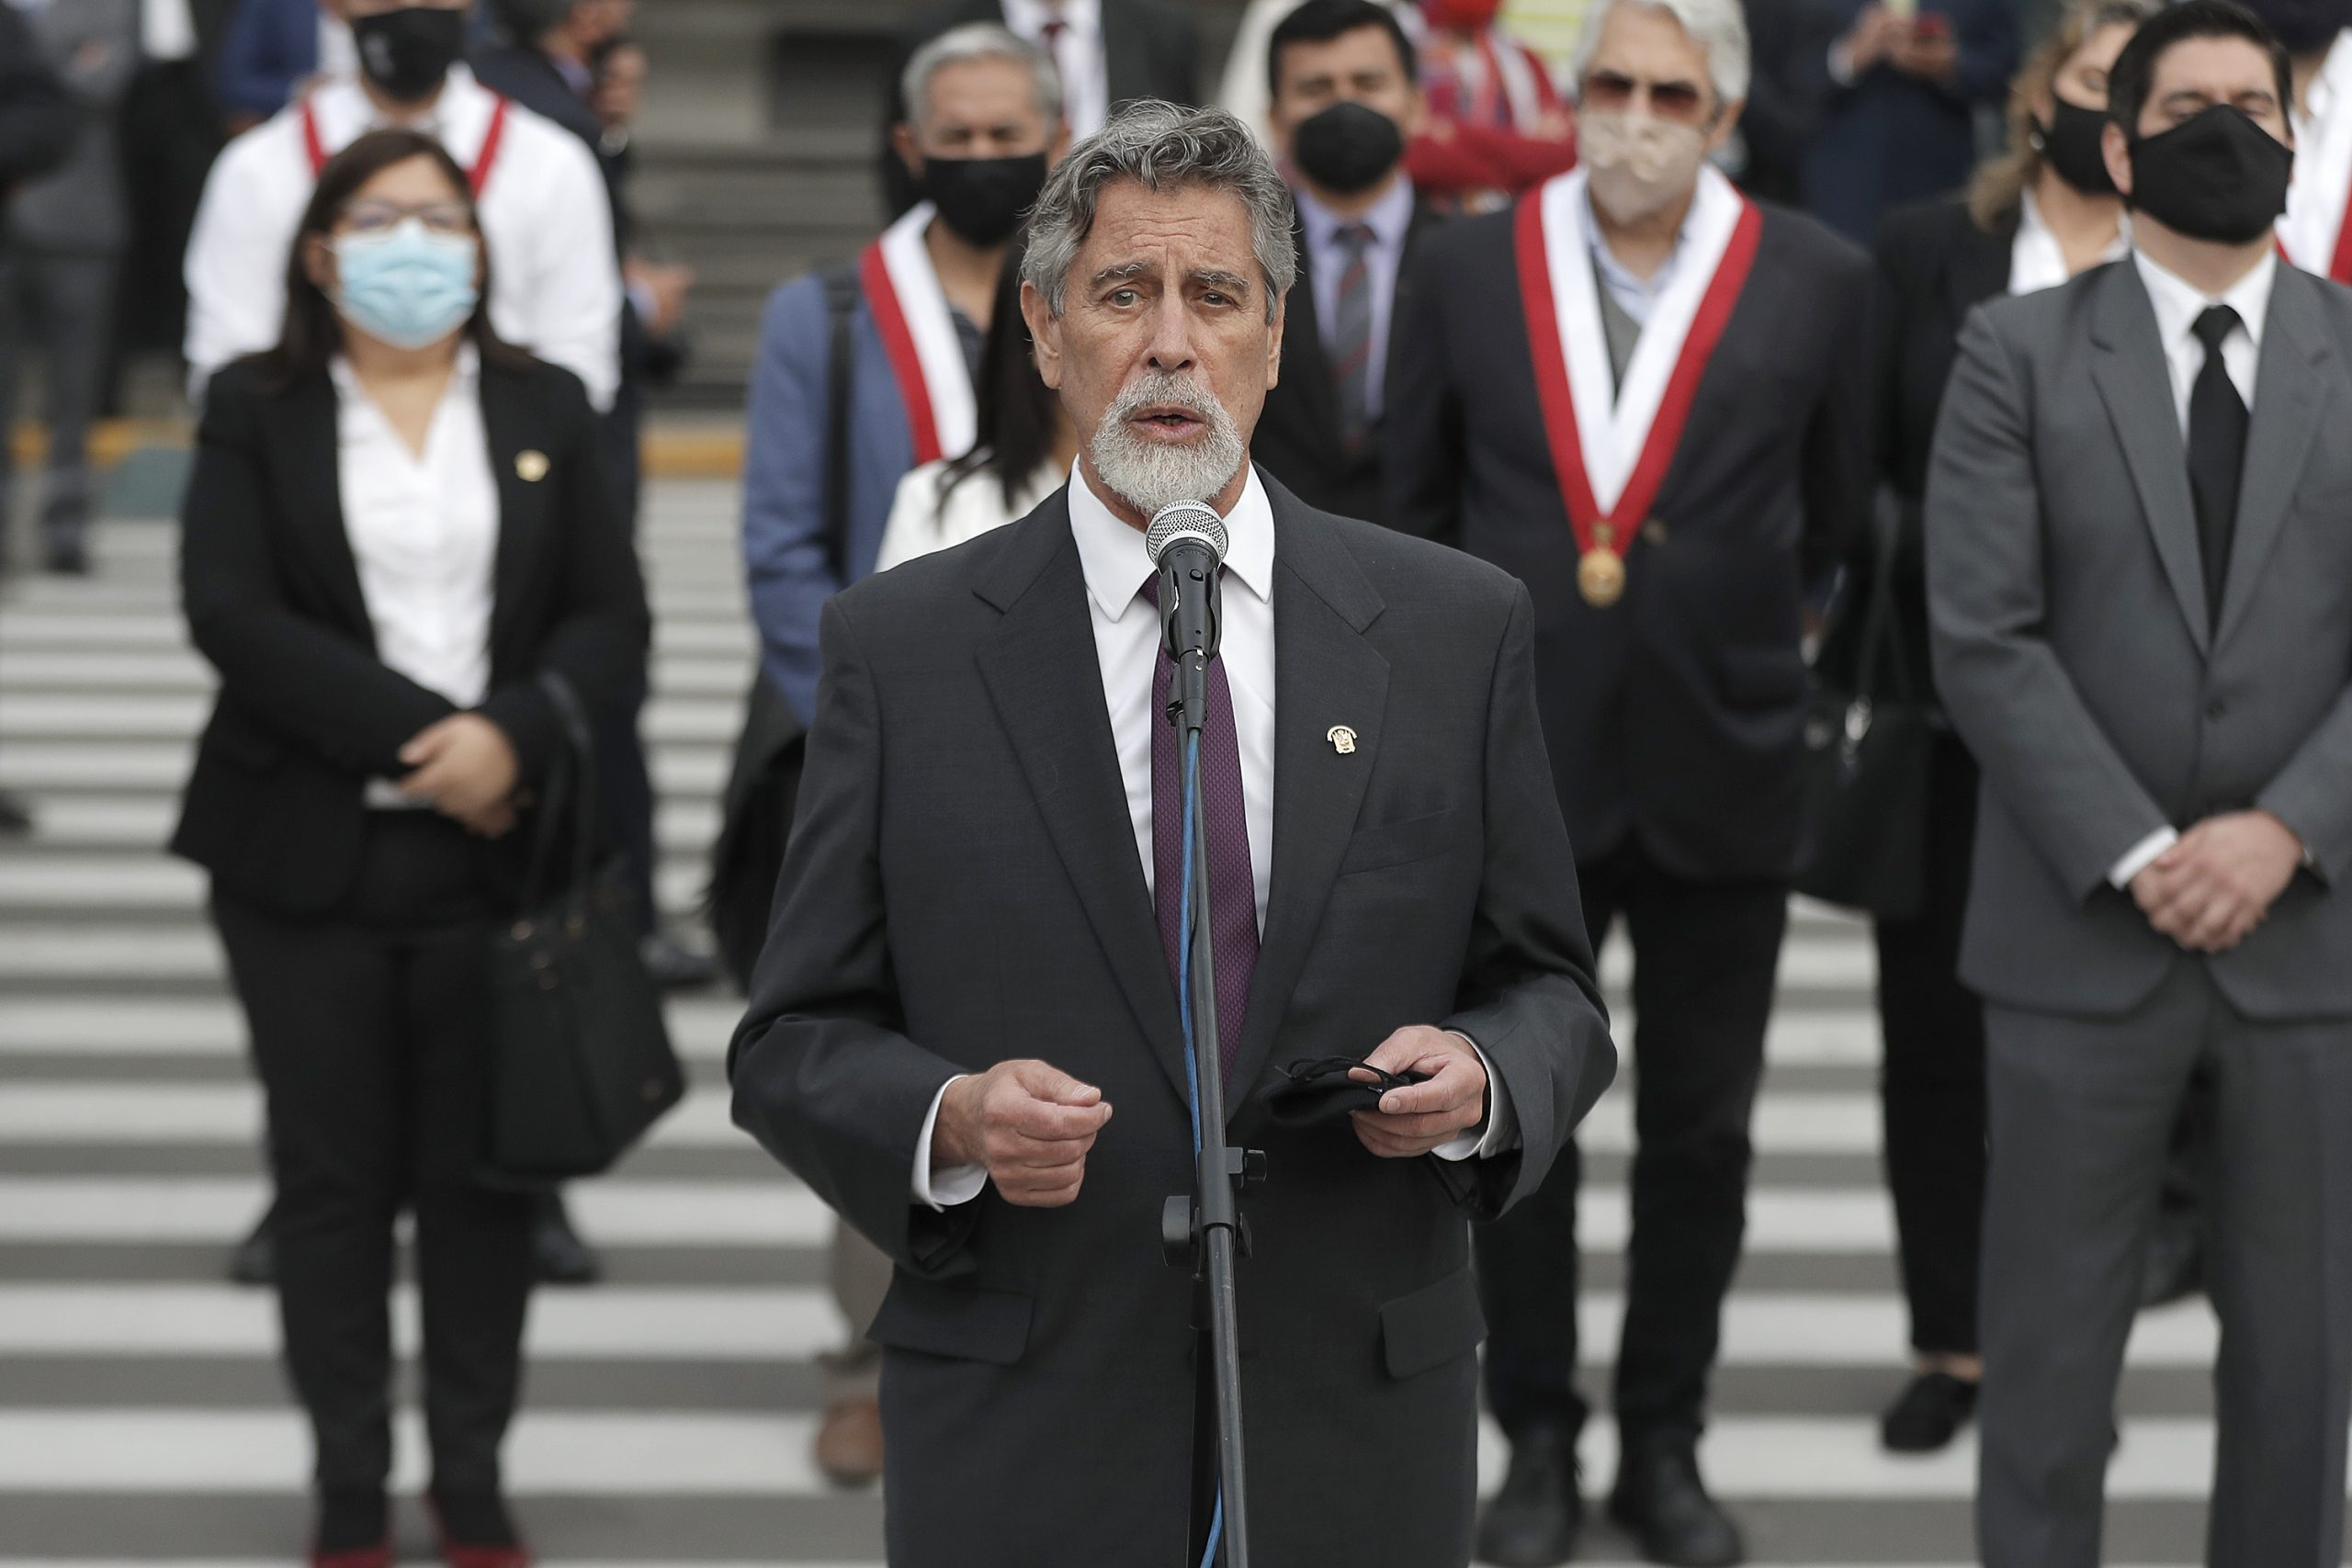 Francisco Sagasti es elegido como nuevo presidente de Perú tras renuncia de Manuel Merino